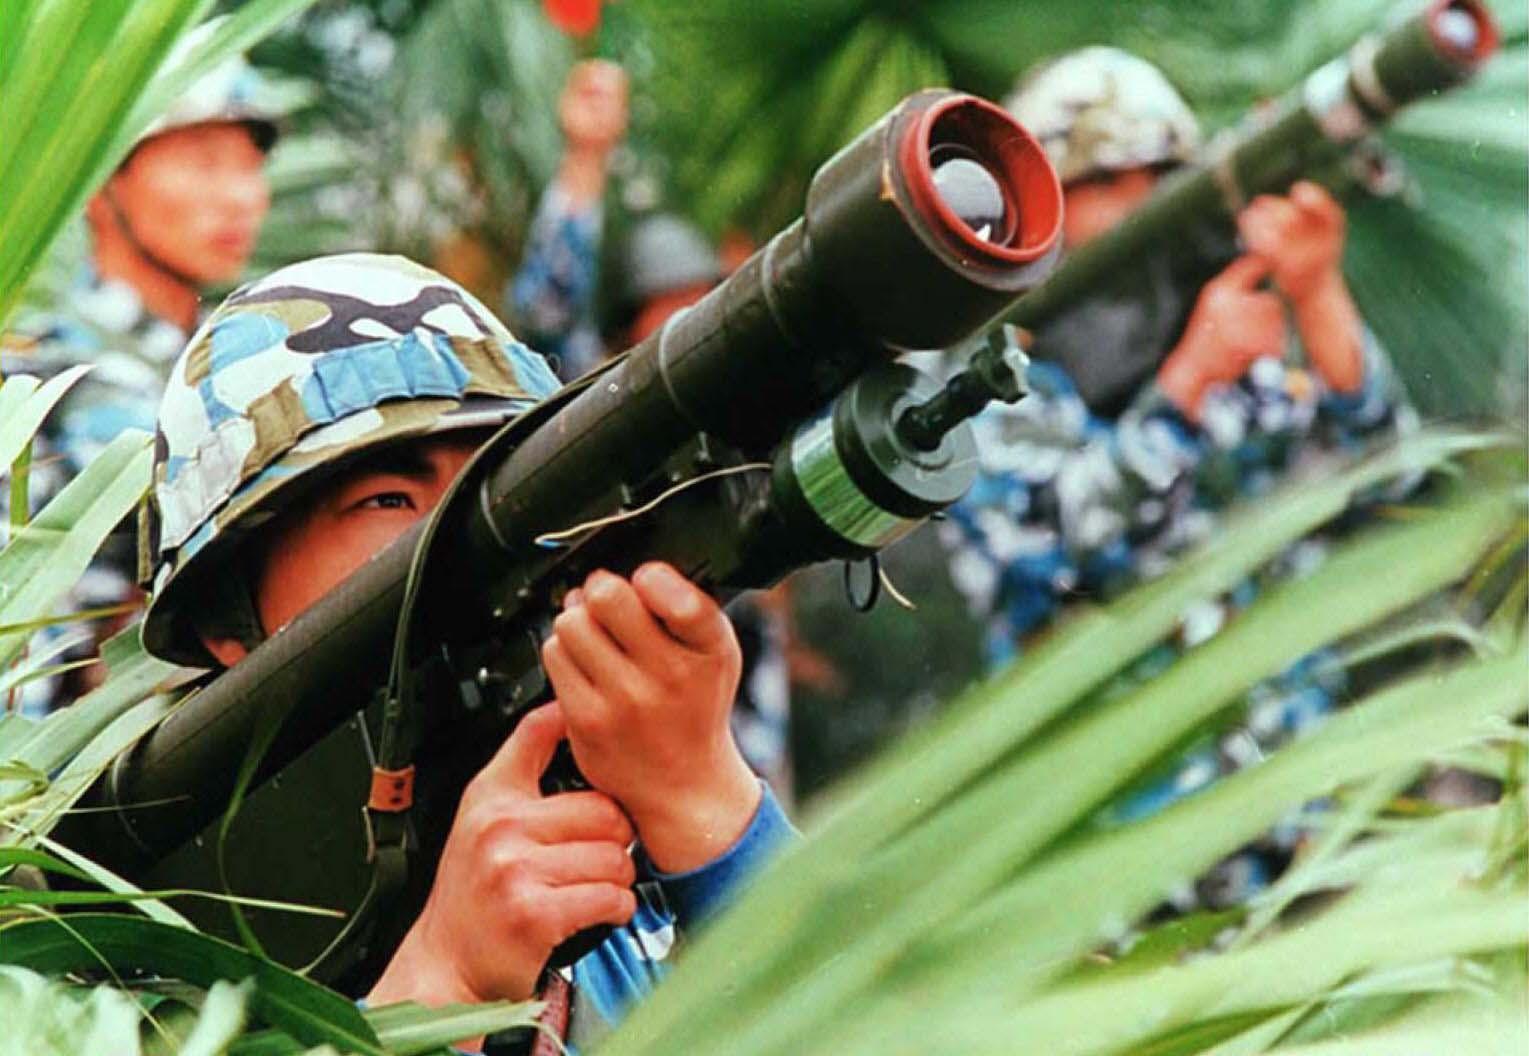 《大紀元》近期獲得的內蒙古內部文件,洩露了不少中共軍事機密。圖為1996年中共在福建演習地對空導彈。(CNS/AFP/Getty Images)